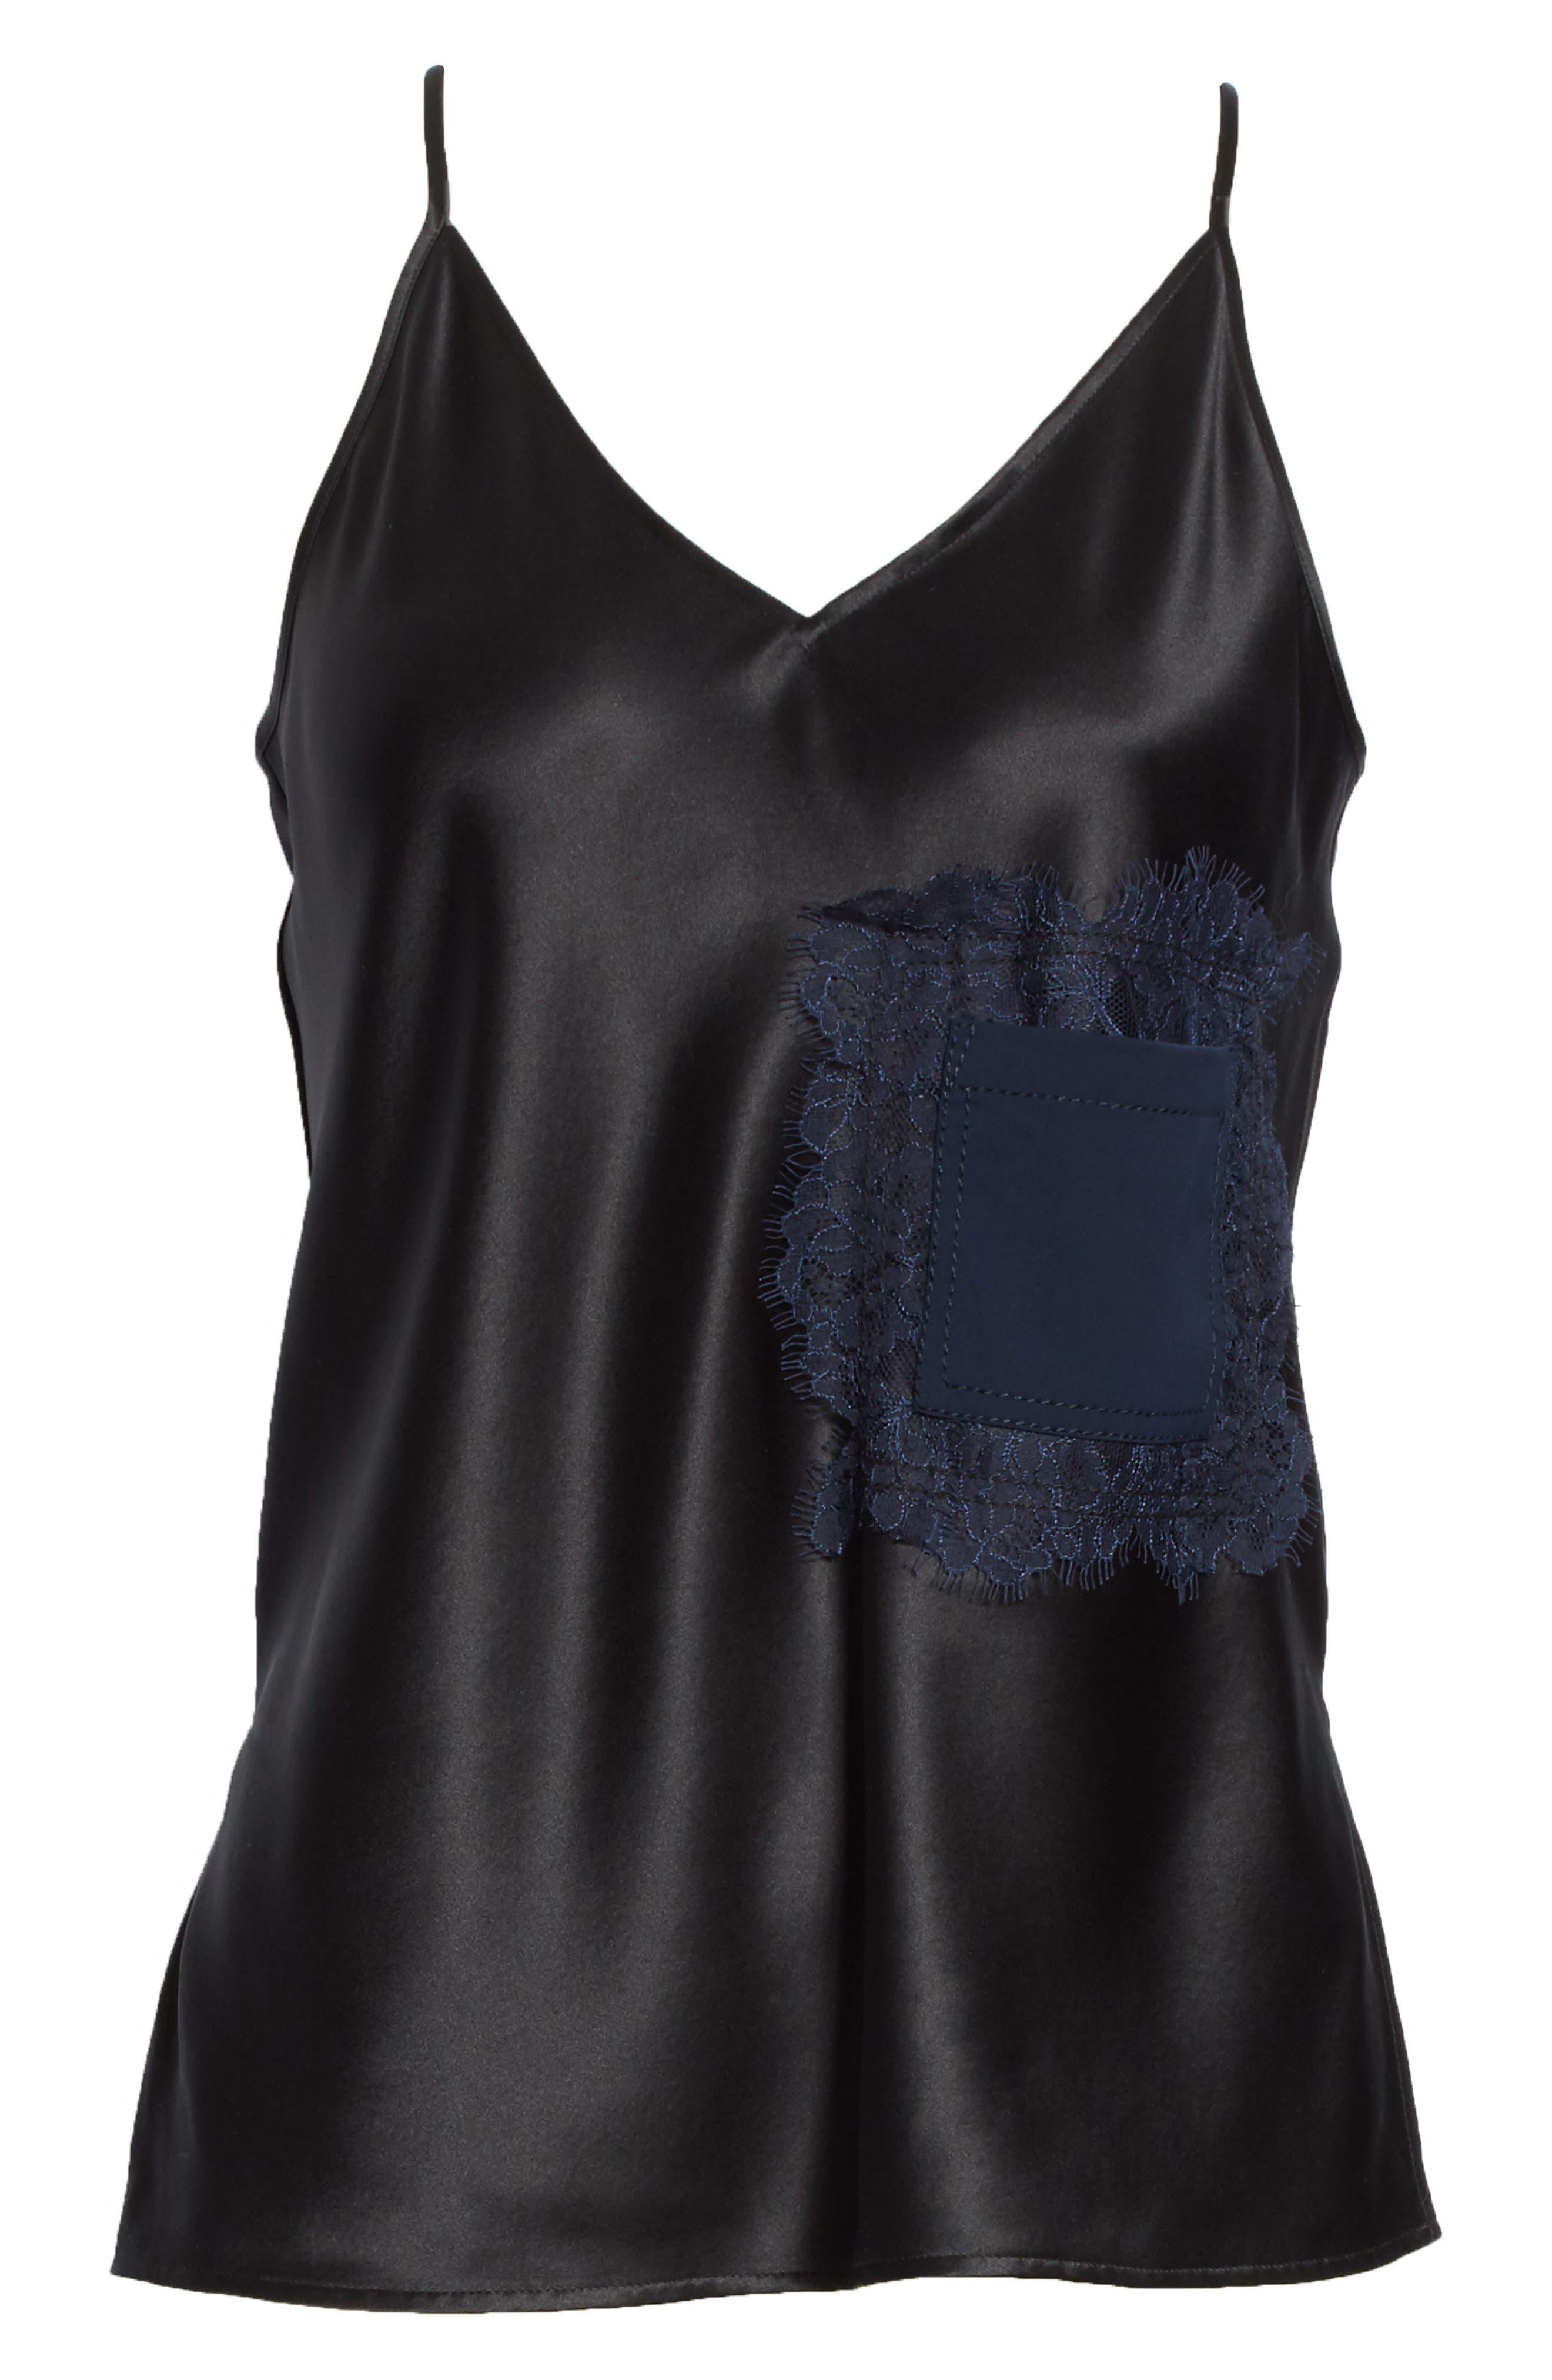 Claire Lace Pocket Camisole,                             Alternate thumbnail 6, color,                             Black